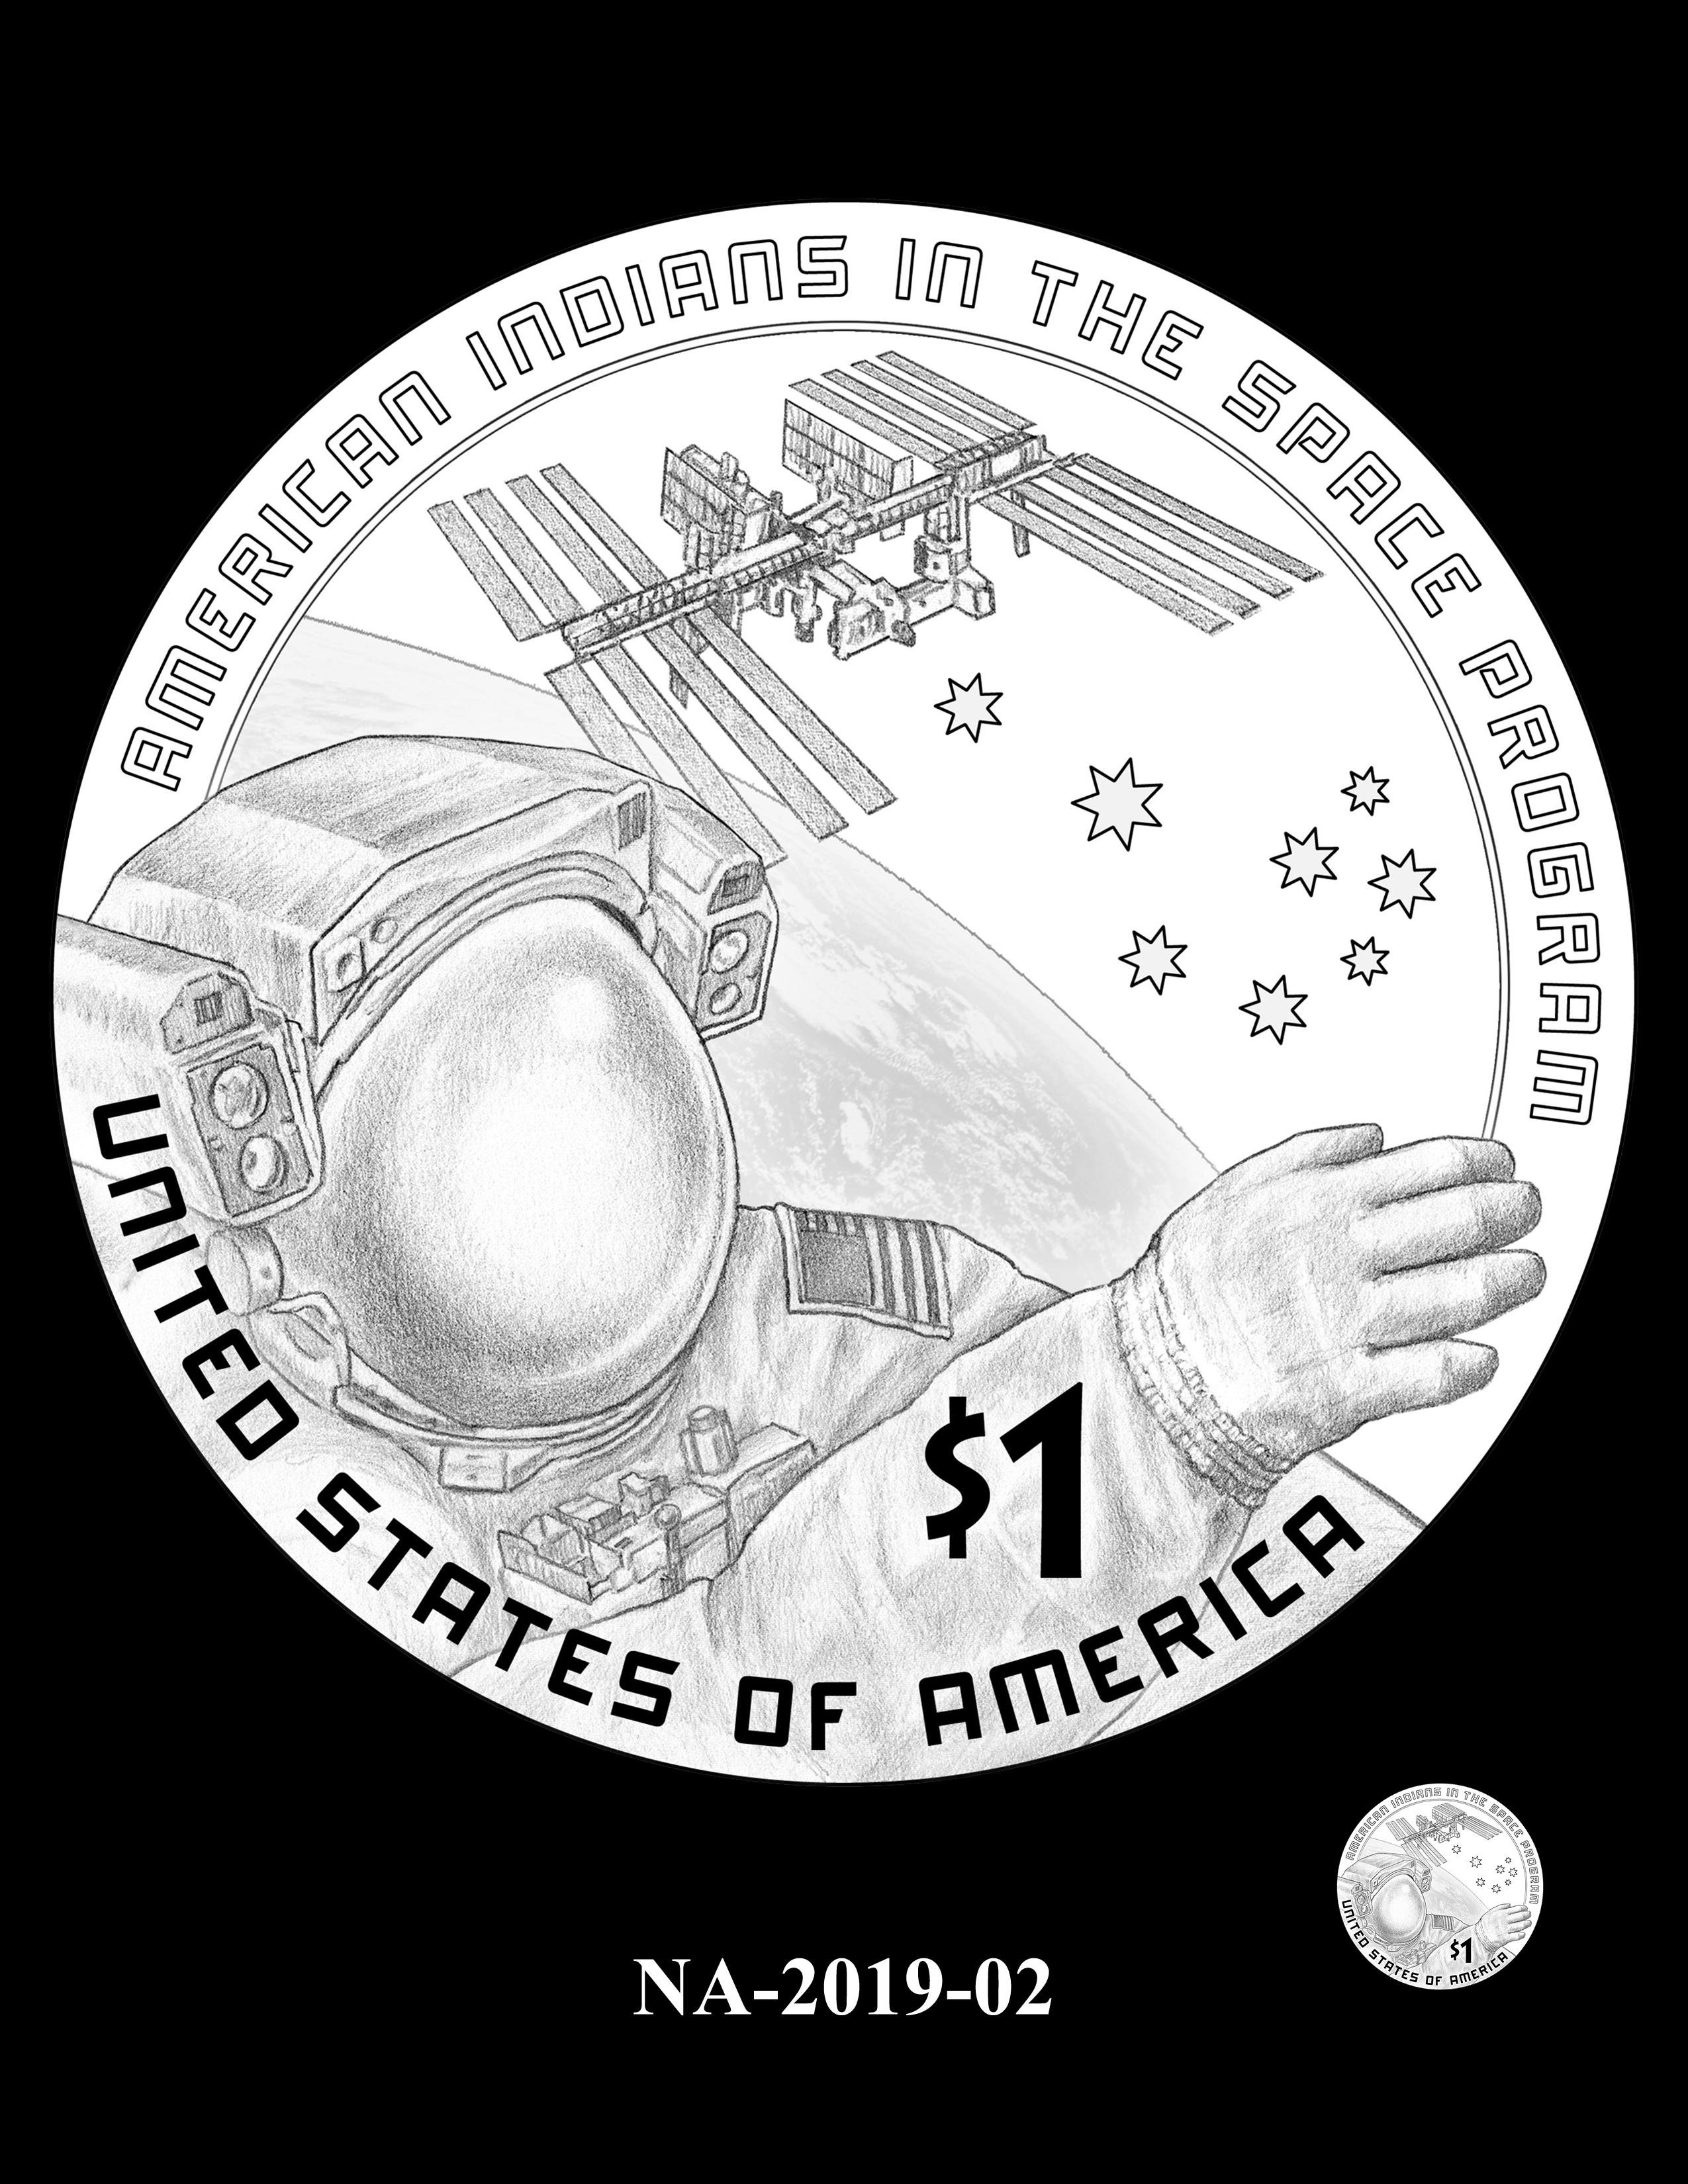 NA-2019-02 --2019 Native American $1 Coin